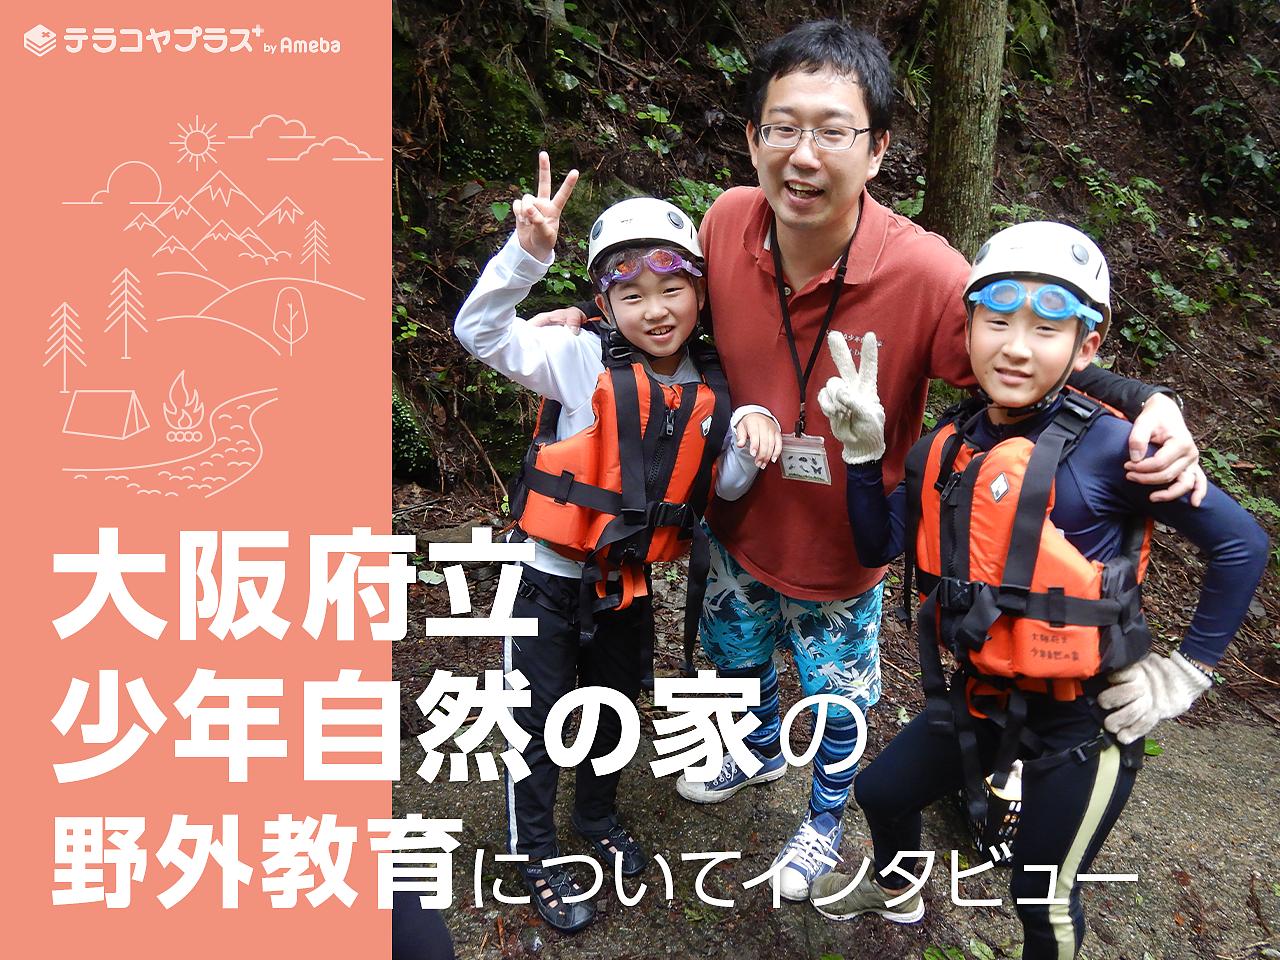 「大阪府立少年自然の家」の野外教育で子どもの成長を応援!学校では得られない学びを提供の画像